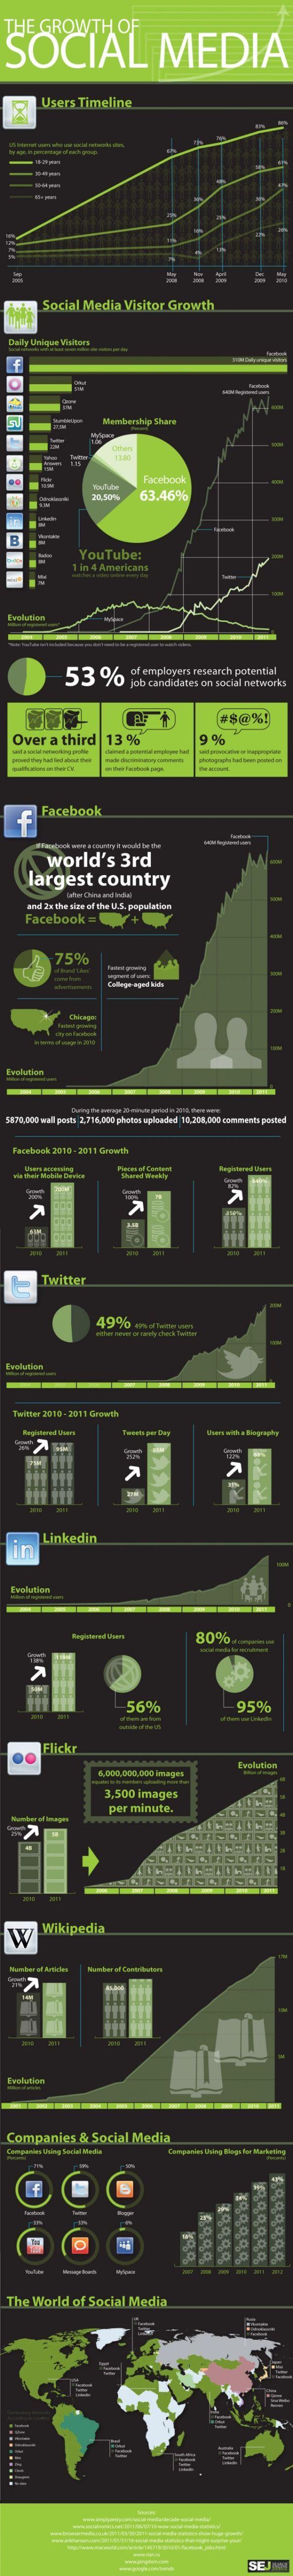 The Growth of Social MediaSocial Network, Media Statistics, Marketing, Social Media Infographic, 20 Stunning, Social Networks, Socialmedia, Medium, Media Growth